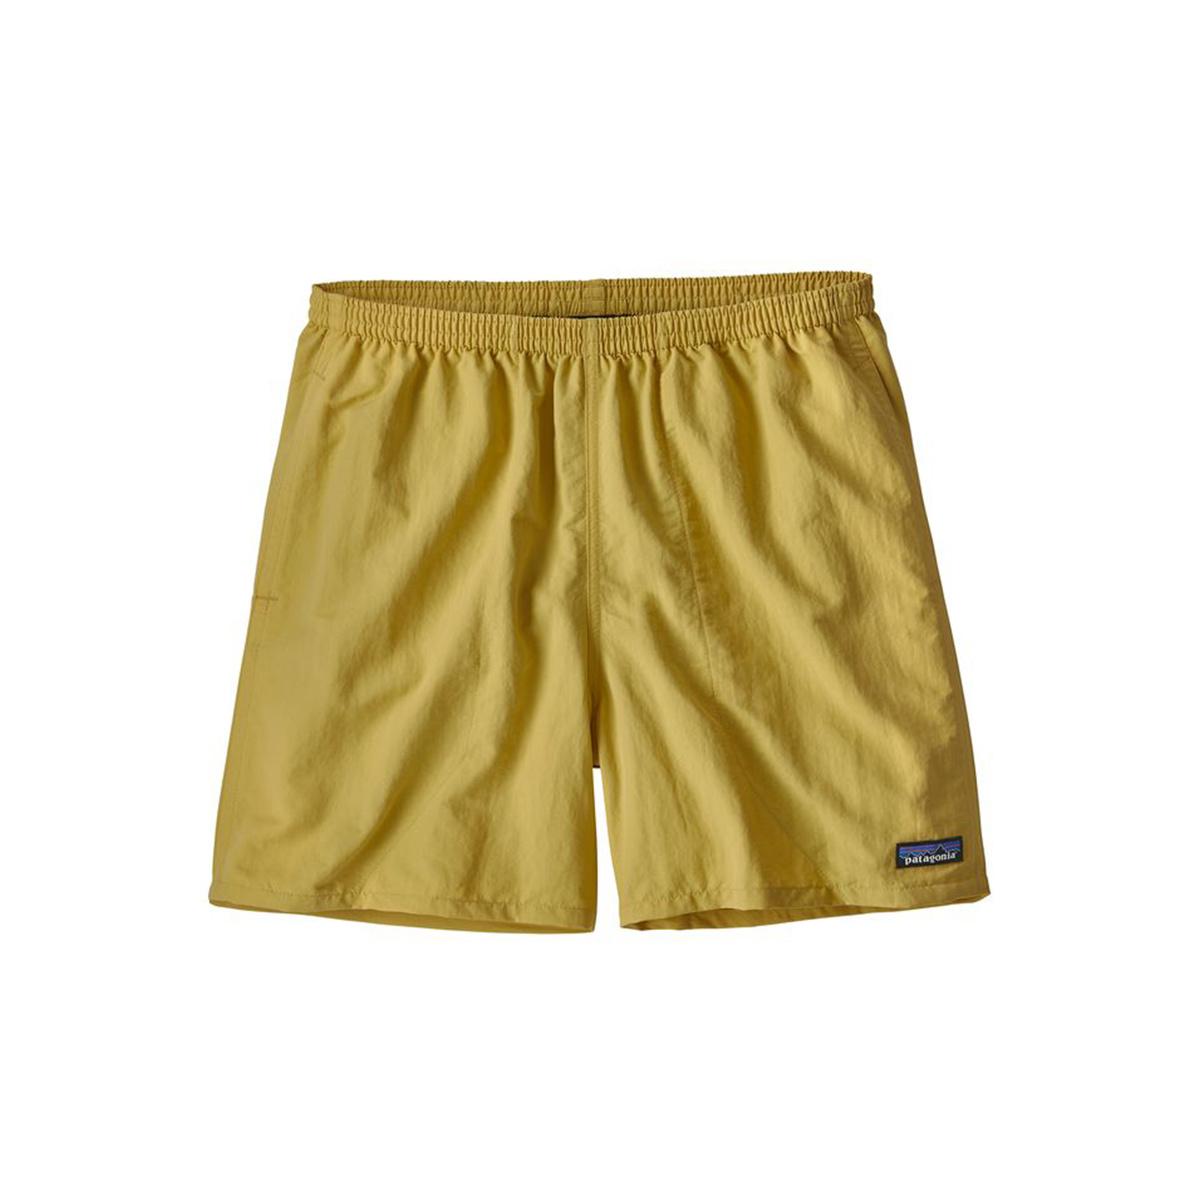 Patagonia Men's Baggies Shorts- 5 in.